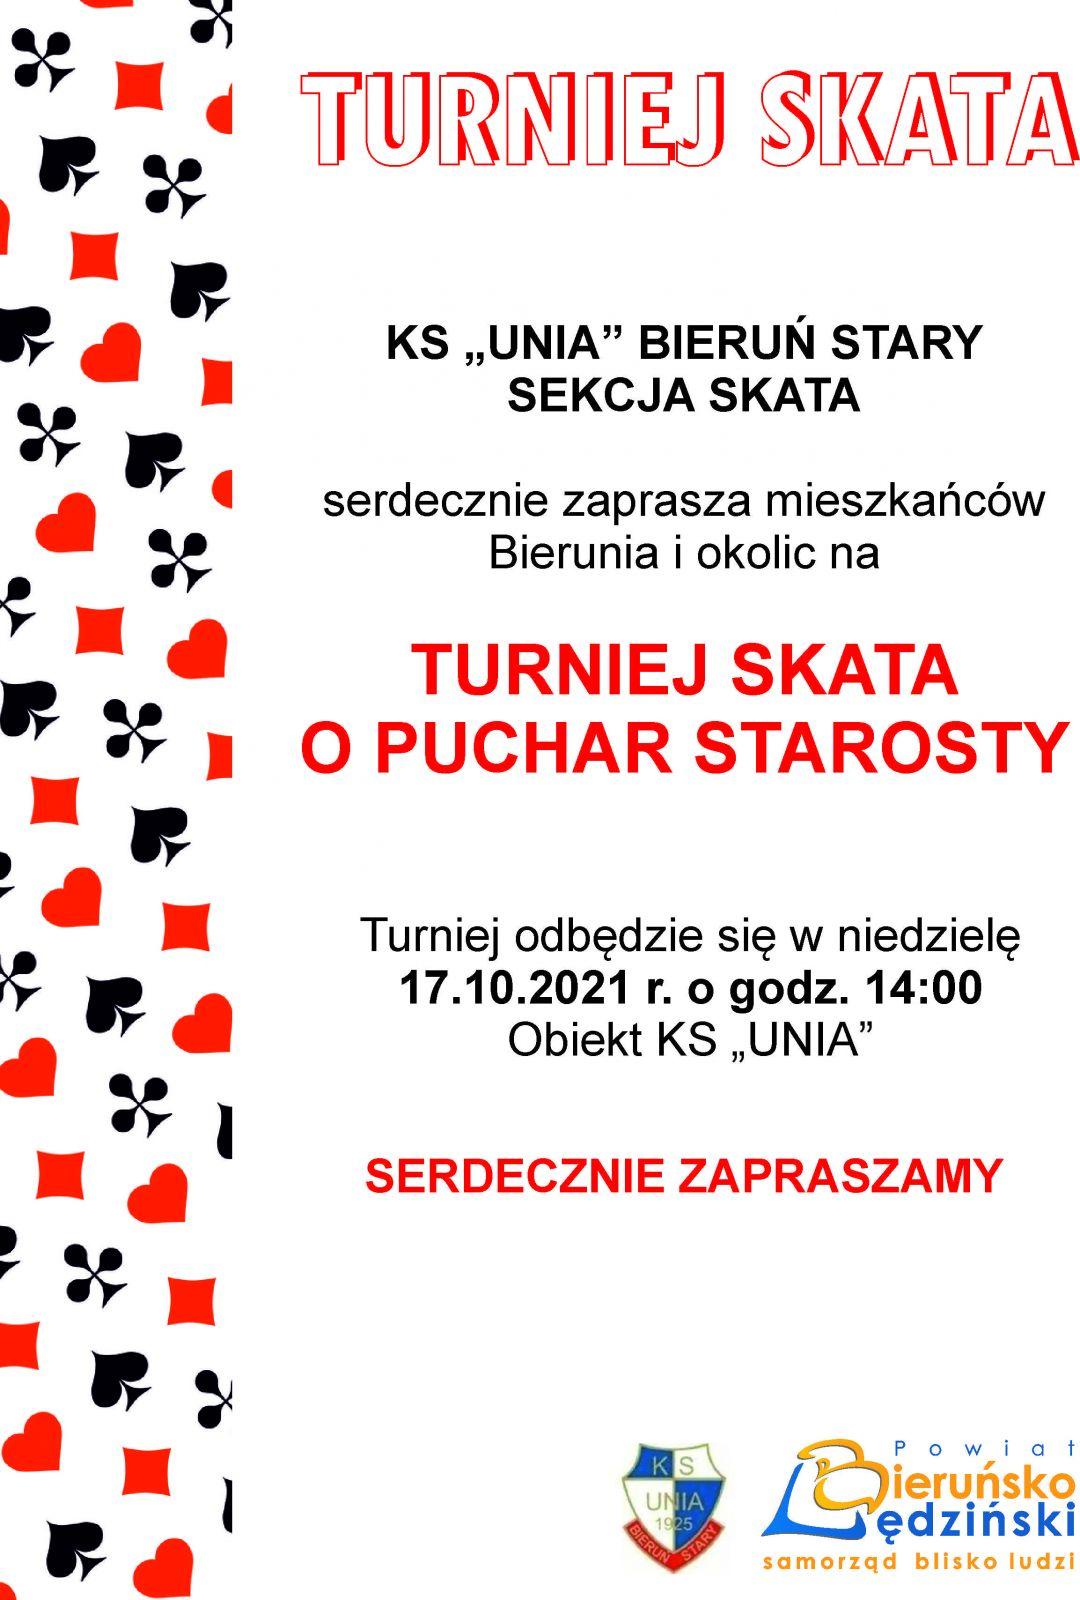 Plakat informujący